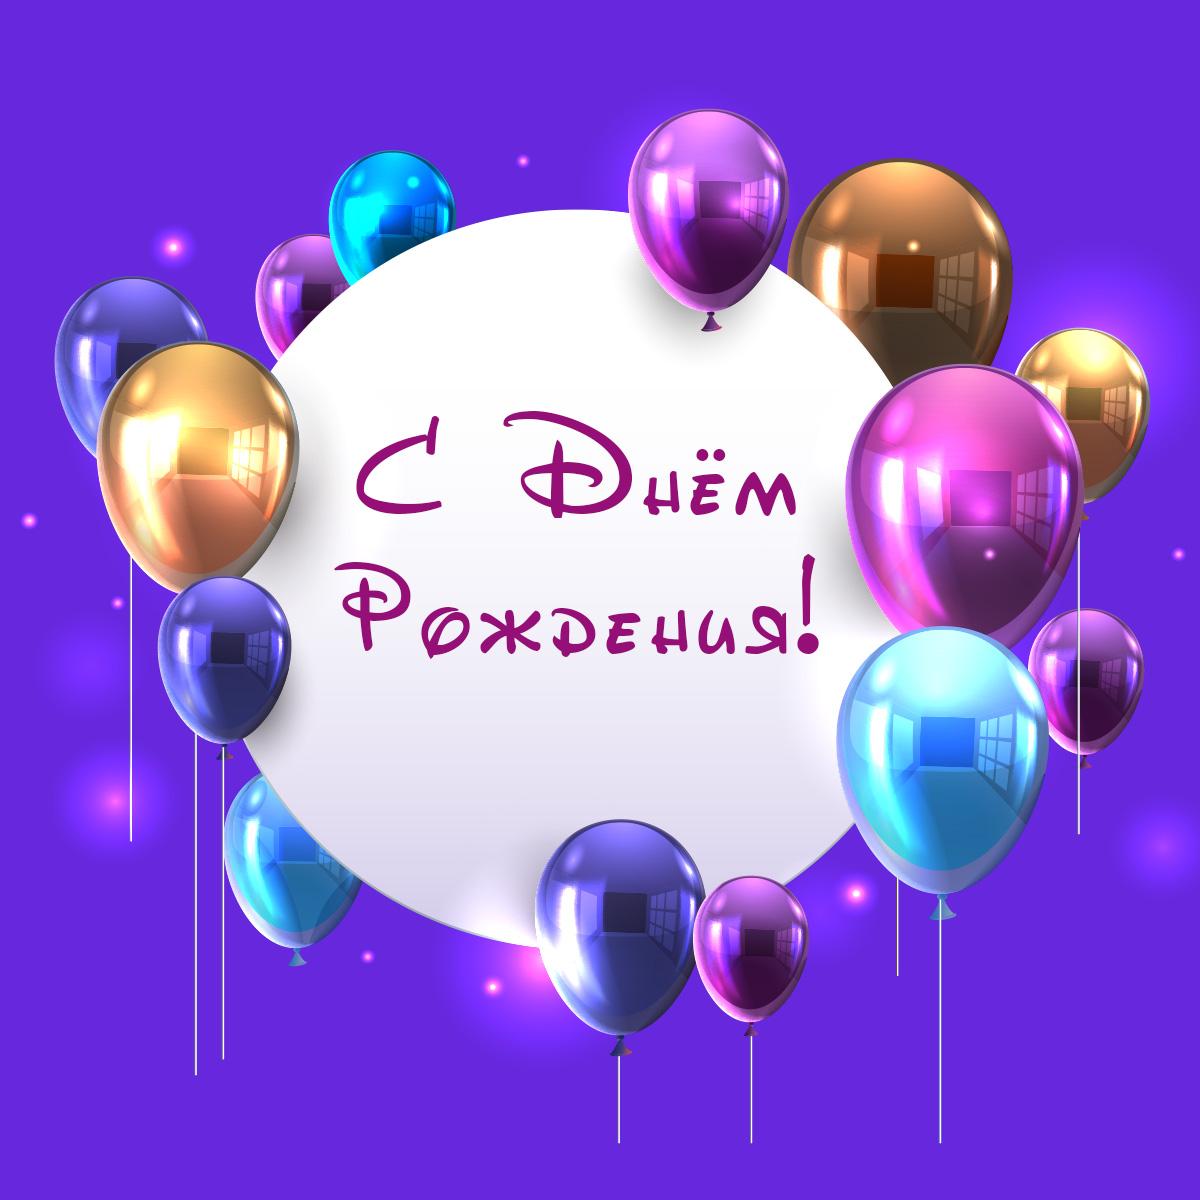 Пурпурная картинка с воздушными шарами и текстом в белом круге.